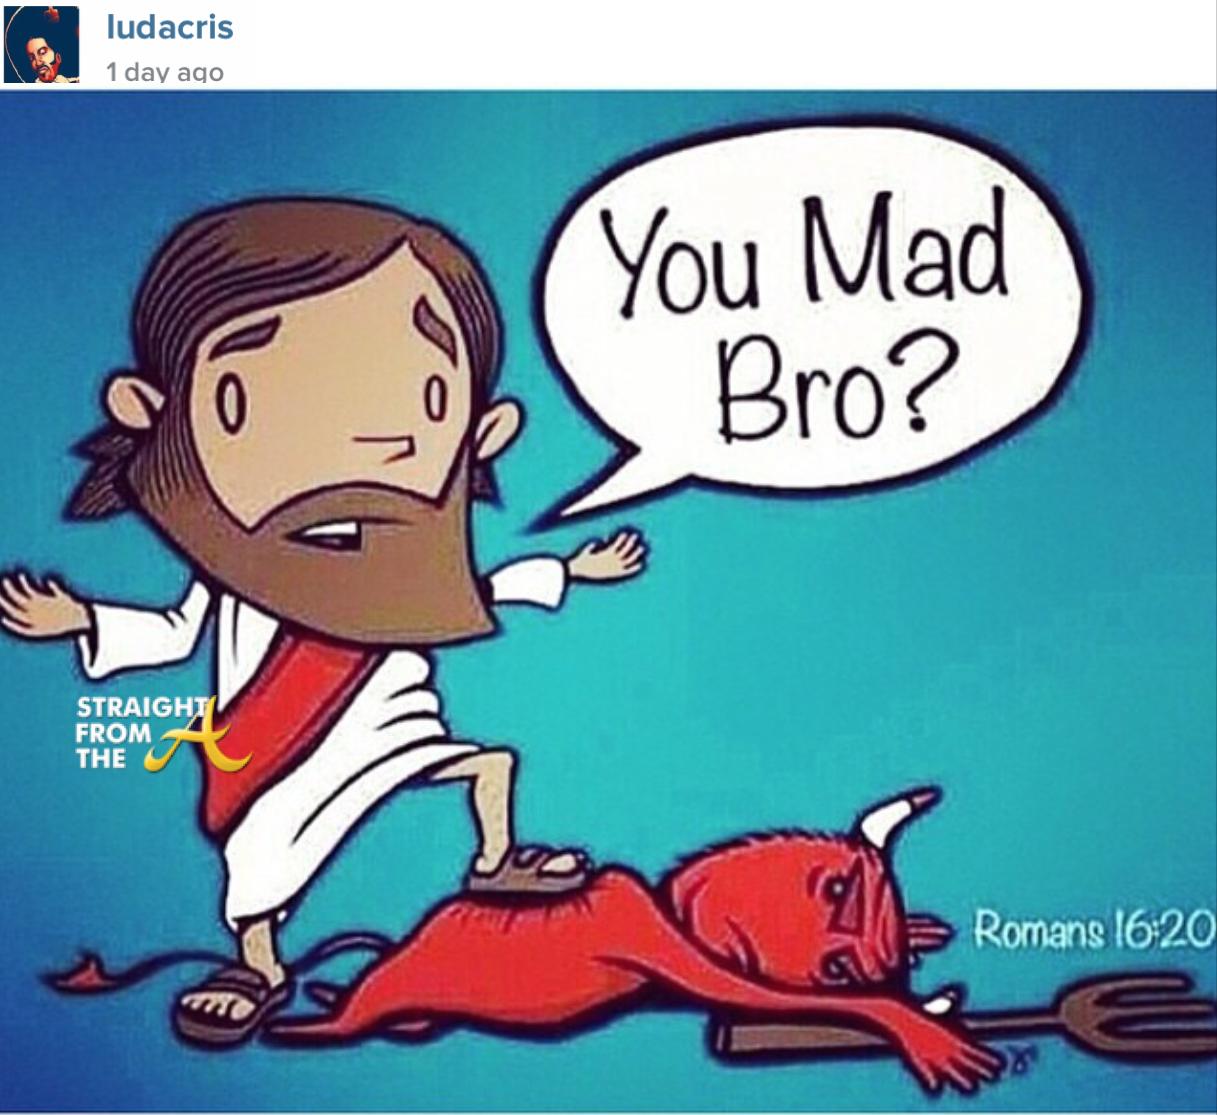 Ludacris StraightFromTheA